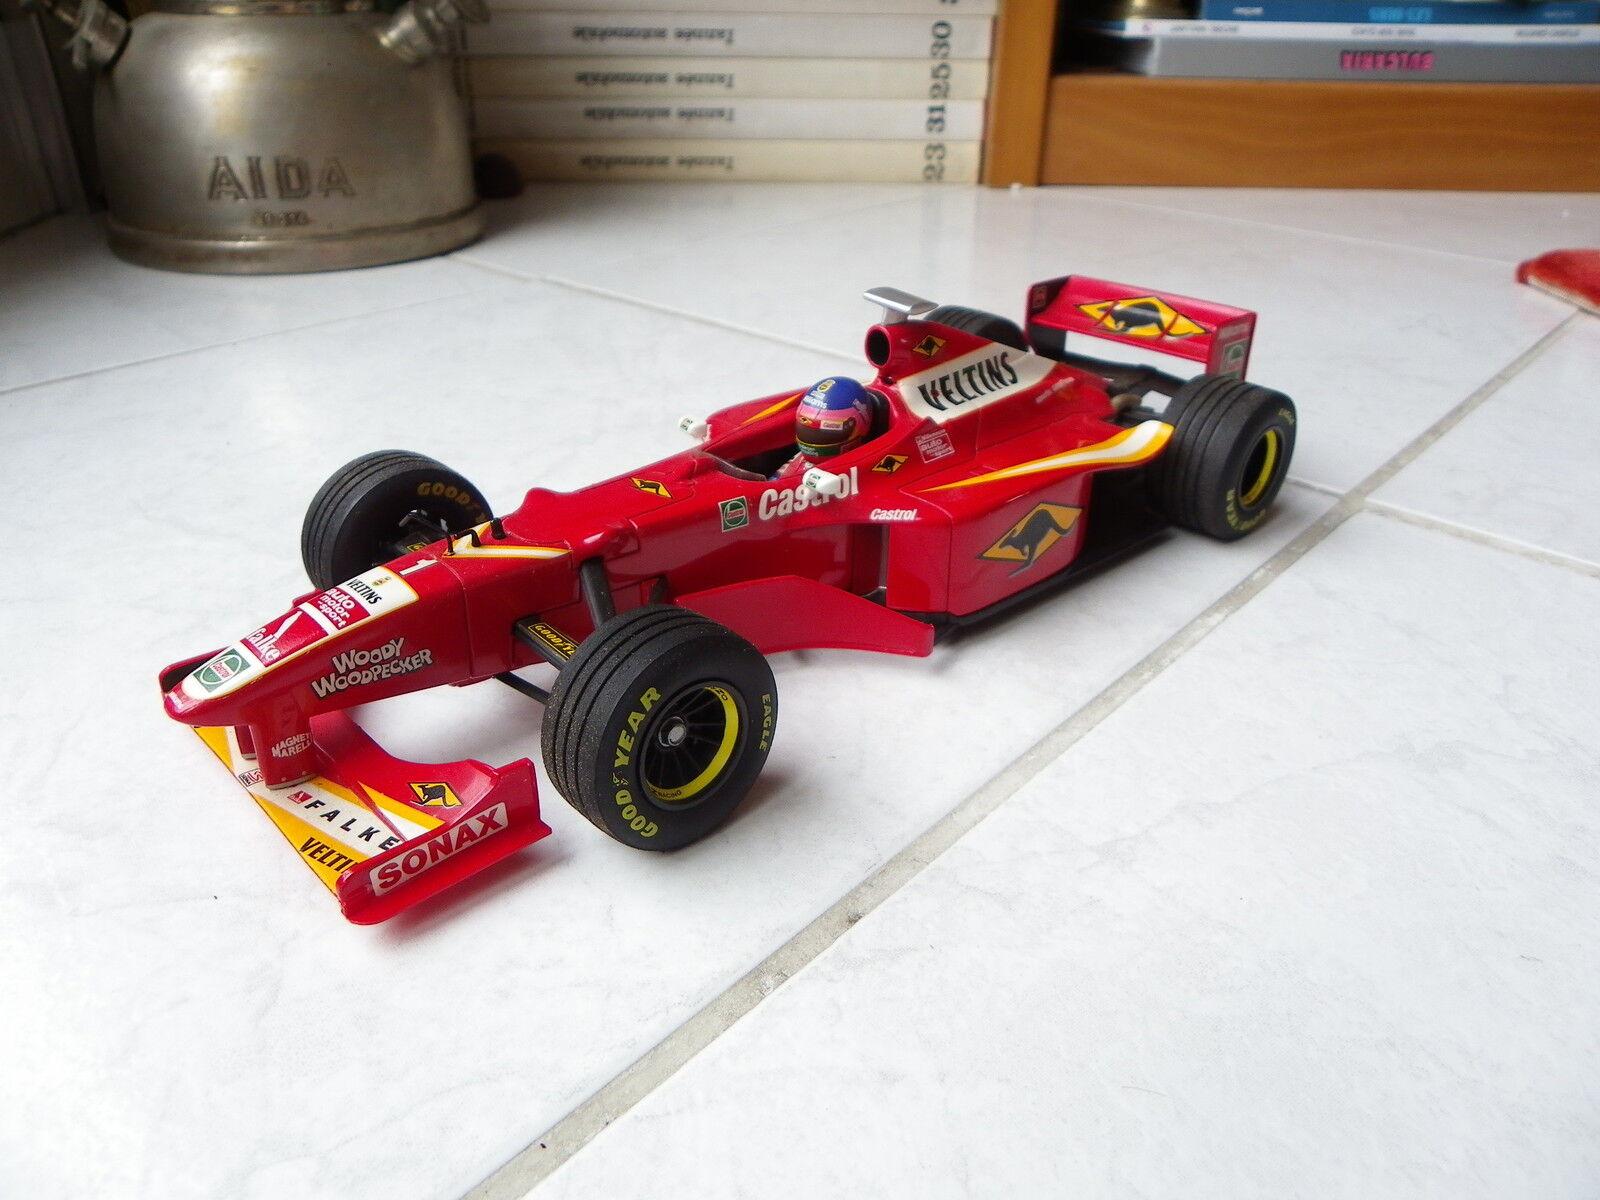 Williams Mecachrome FW20 Villeneuve n°1 1 18 Minichamps 1998 Formule 1 F1